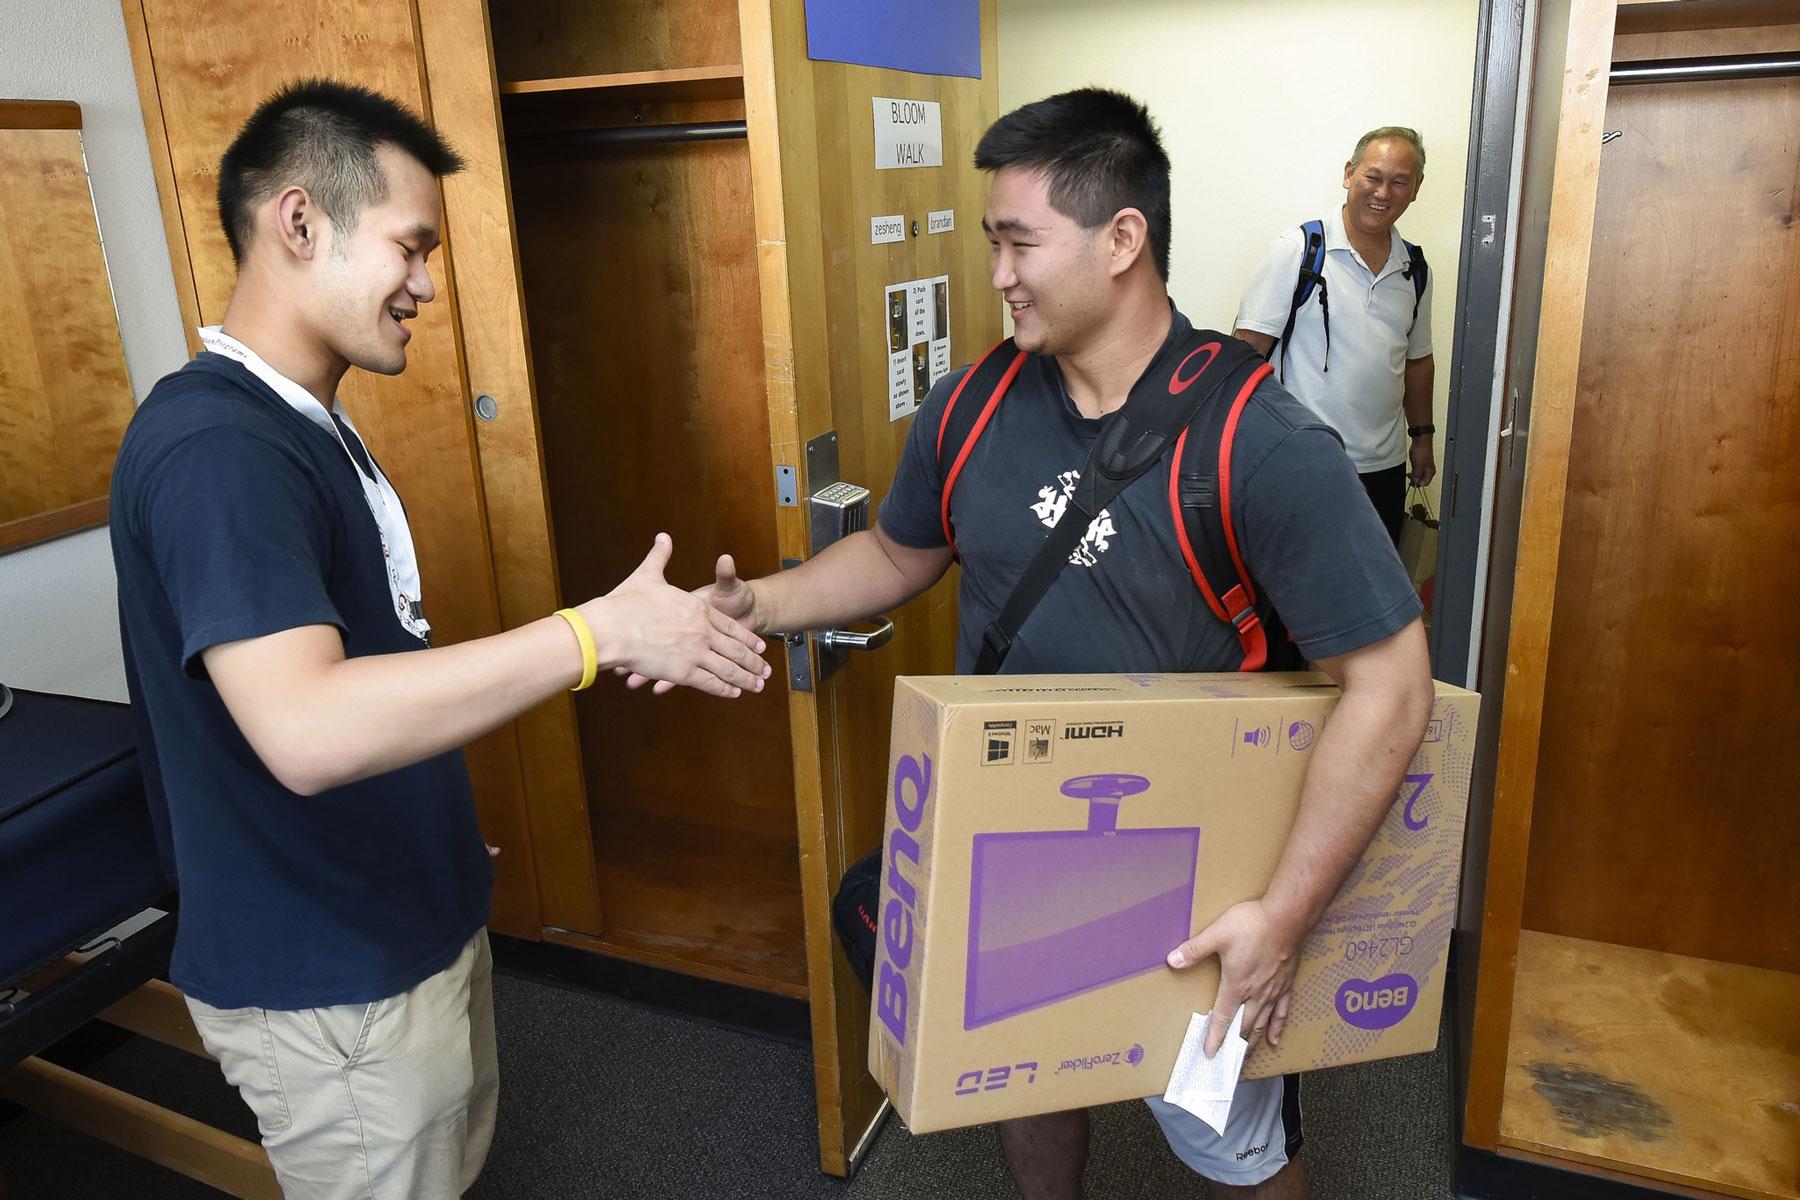 Jason Zesheng Chen meets roommate Brandan Sakka